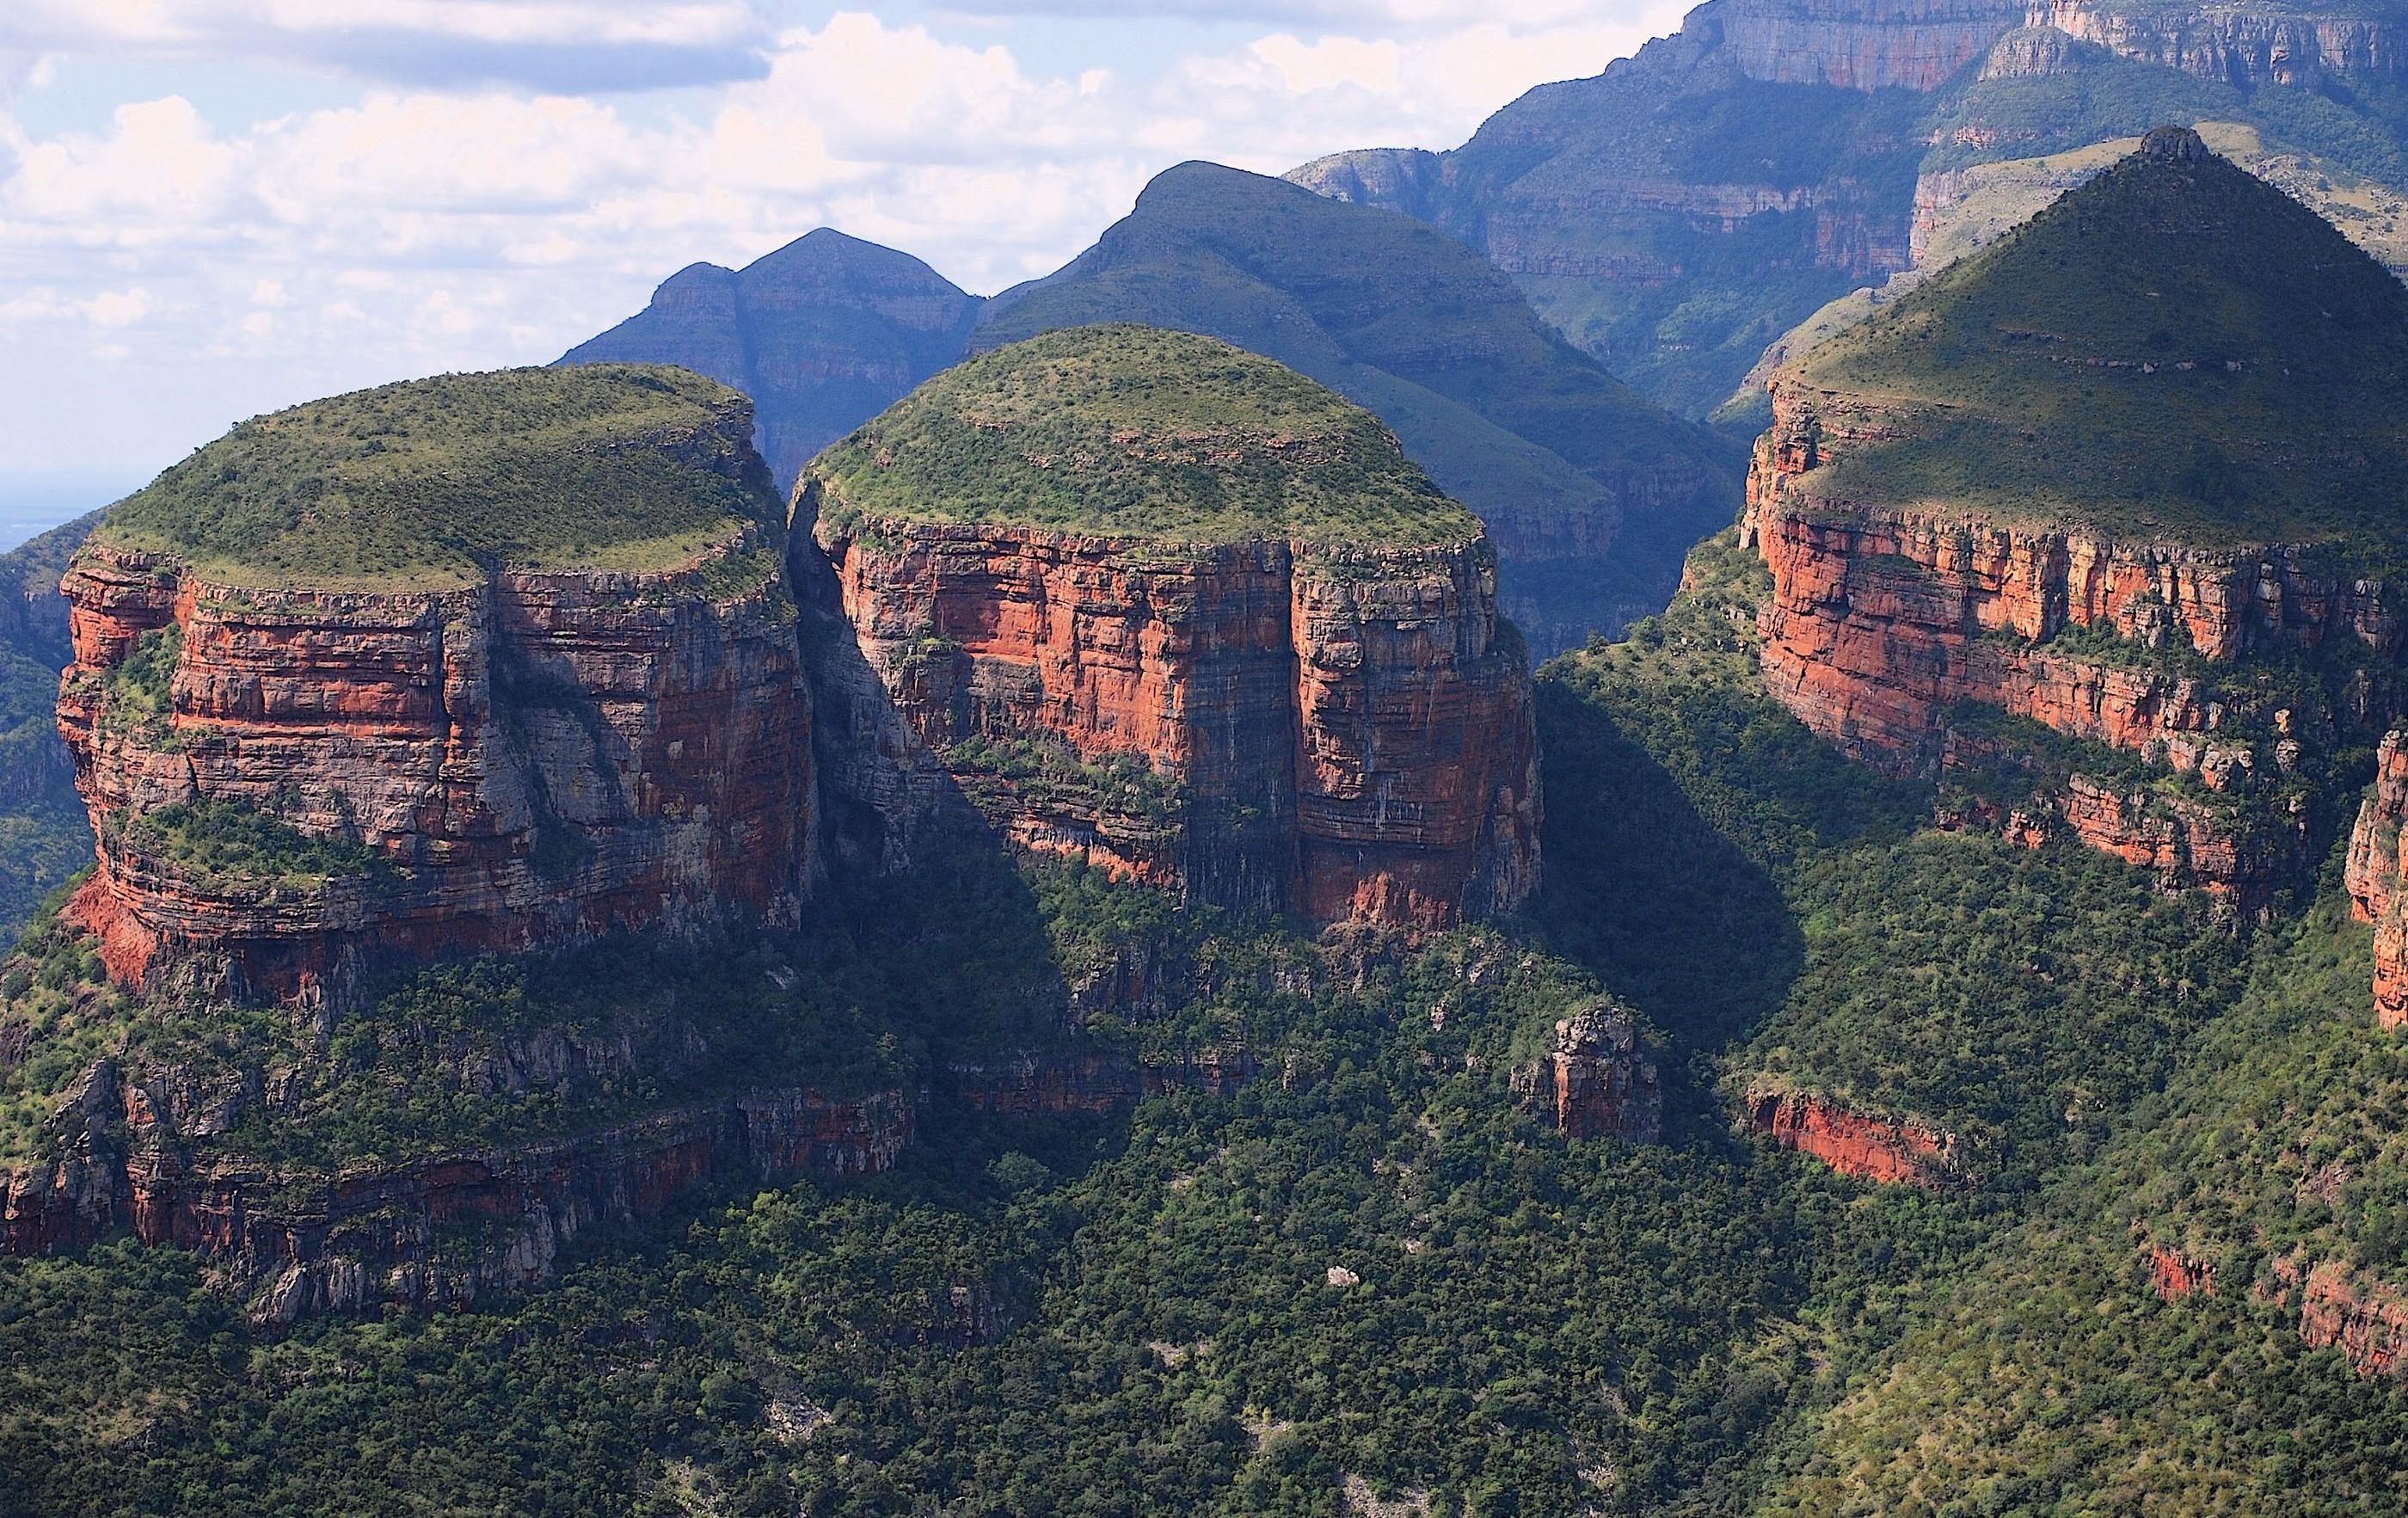 Wallpaper Landscape Mountains Rock Nature